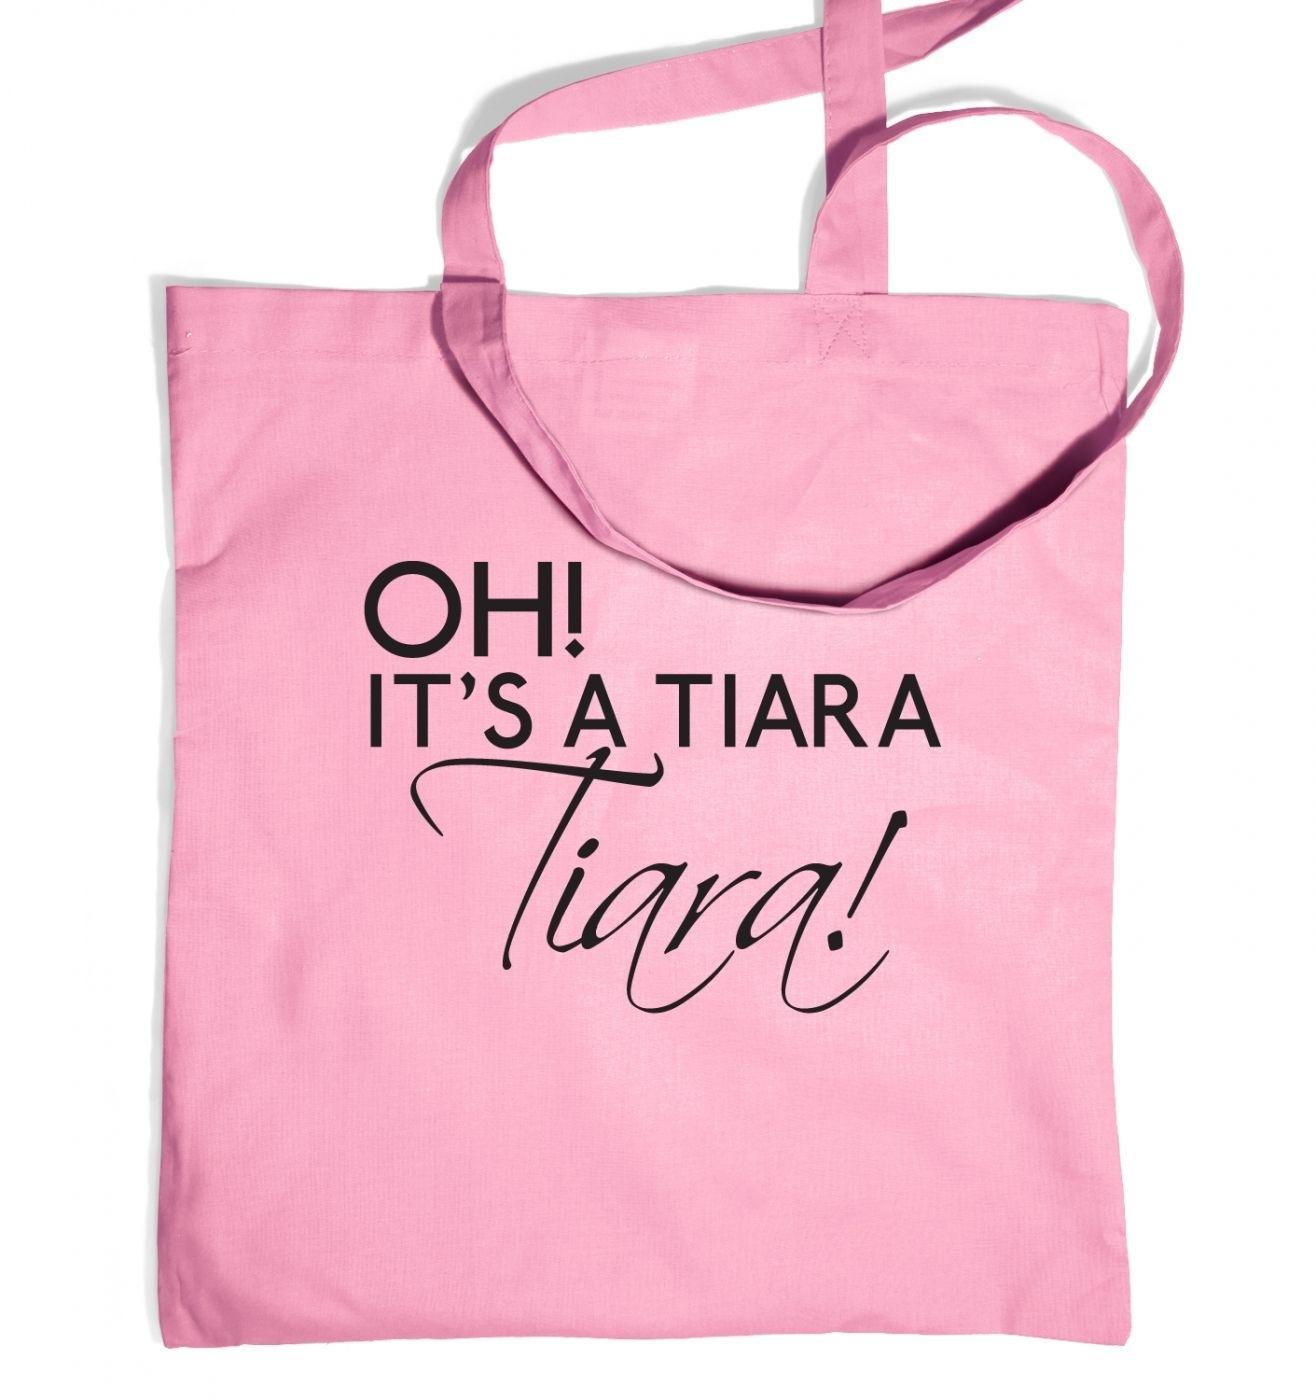 Oh! It's a tiara! TIARA! - Tote Bag